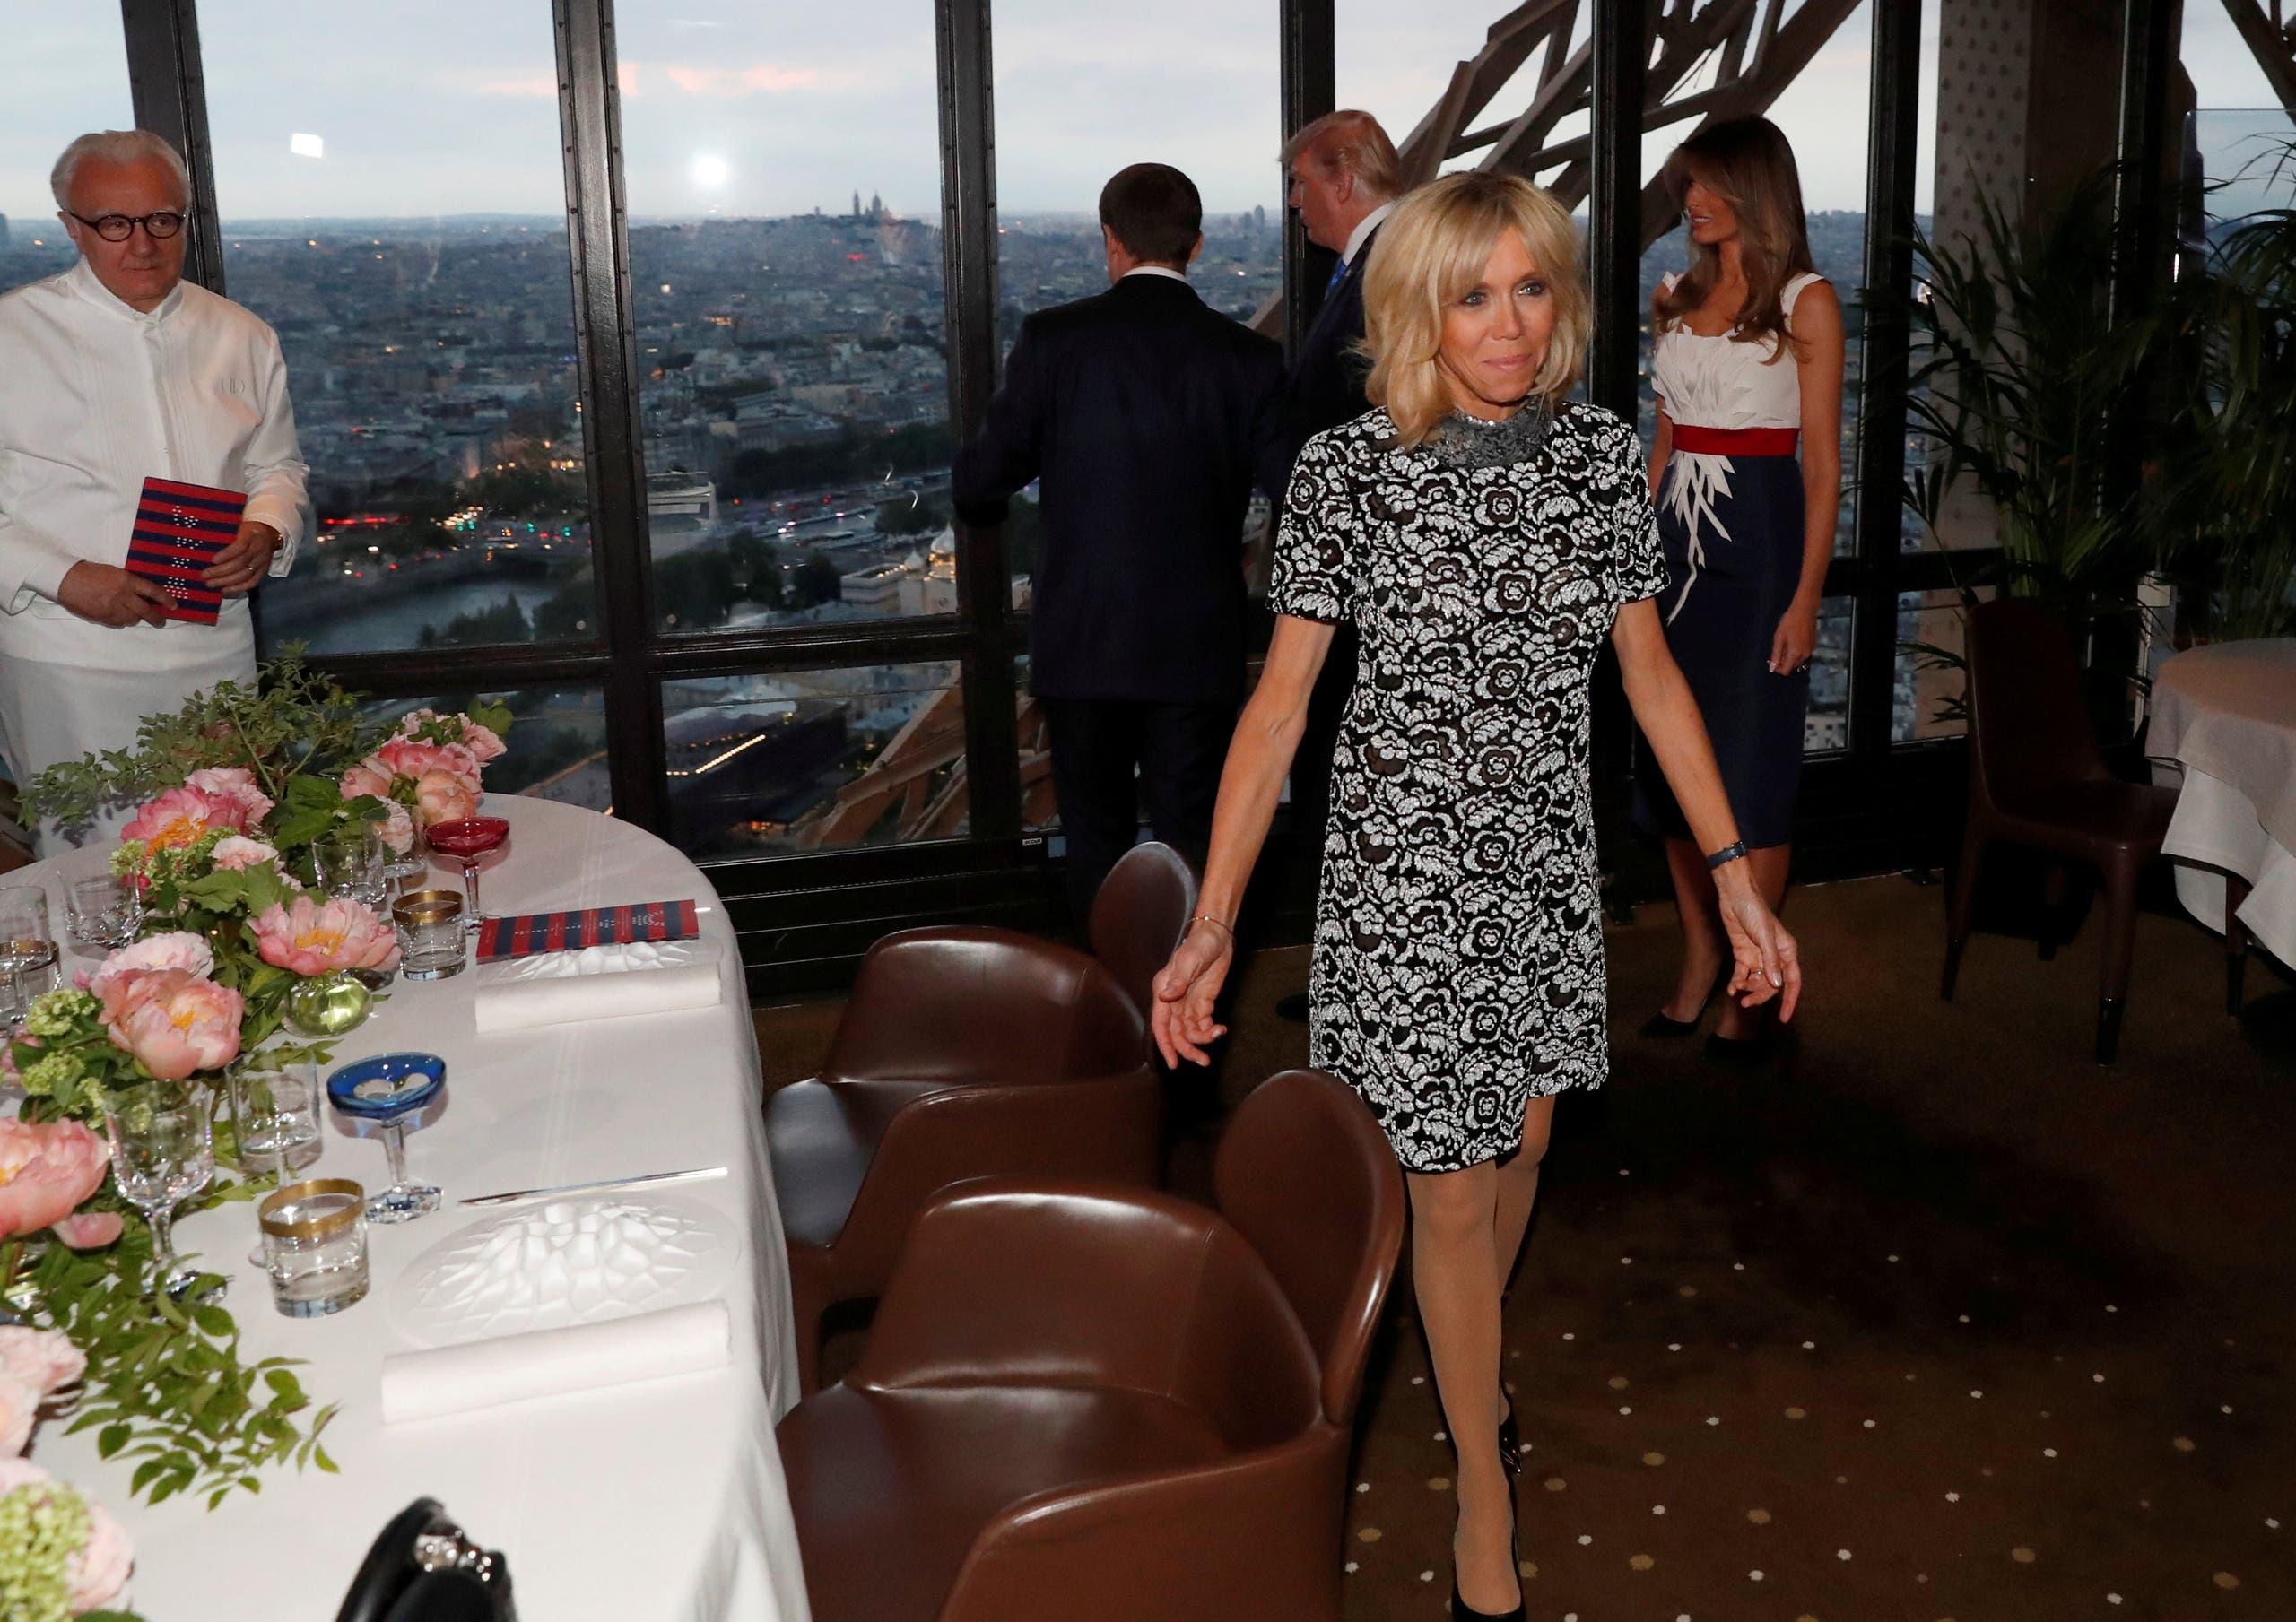 بريجيت خلال العشاء المقام على شرف الرئيس الأميركي وزوجته في برج ايفل في يوليو الماضي